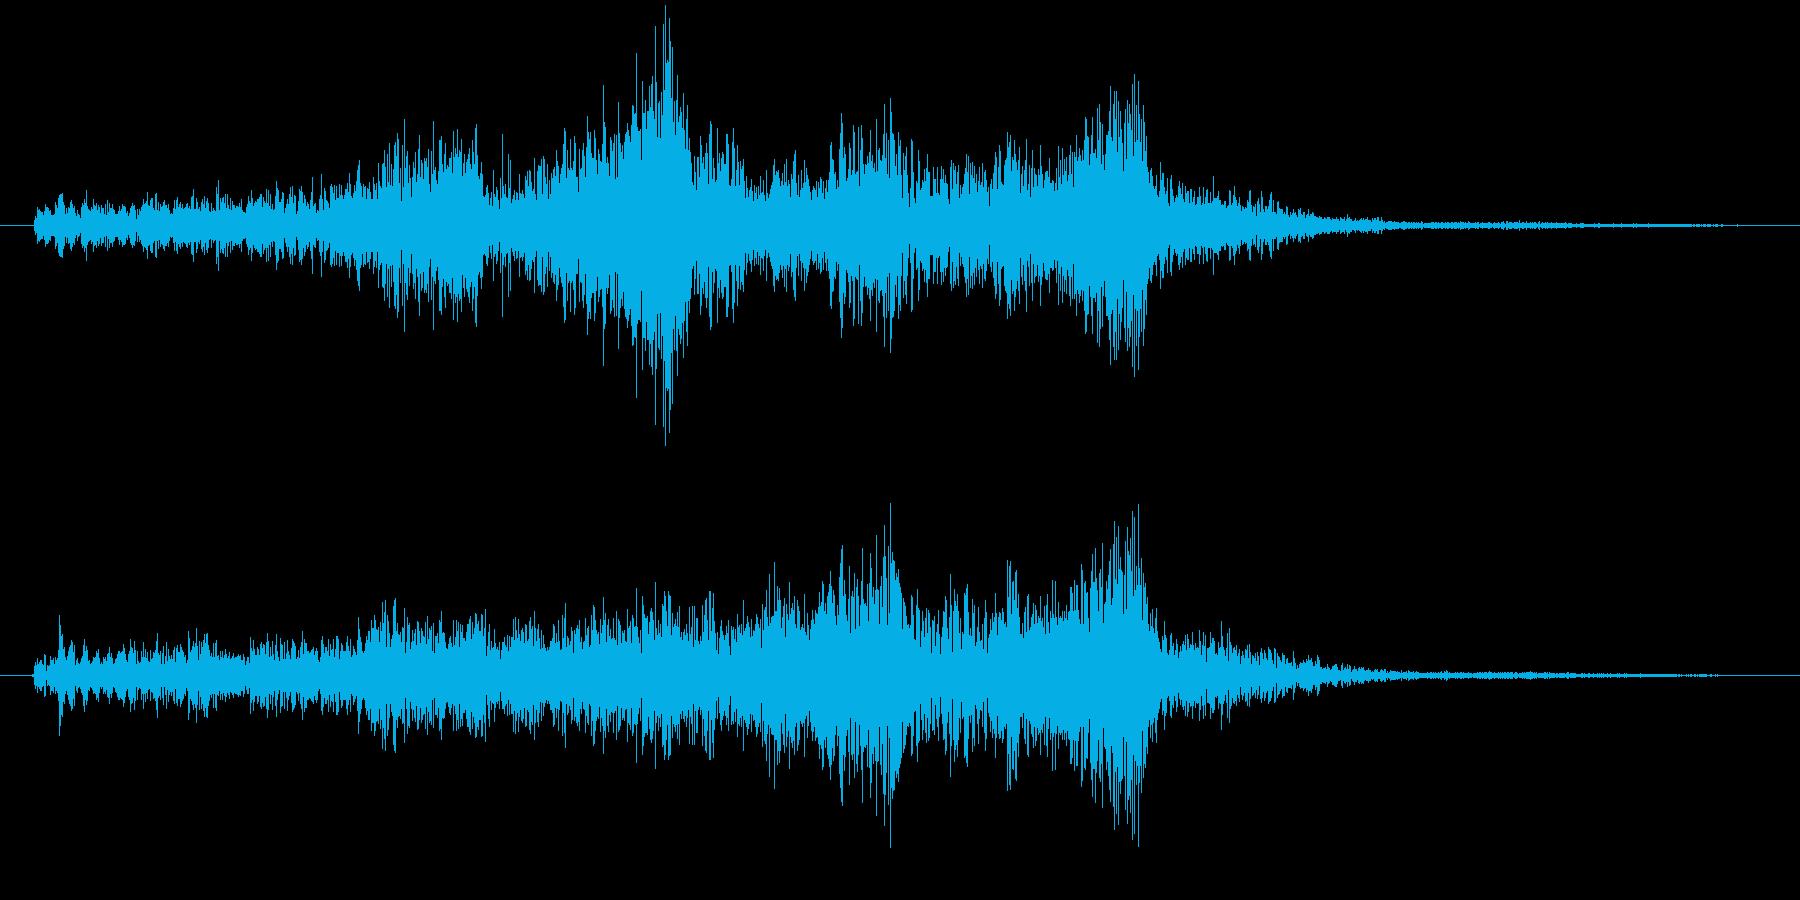 【タイトル】SFX_07 メカの再生済みの波形